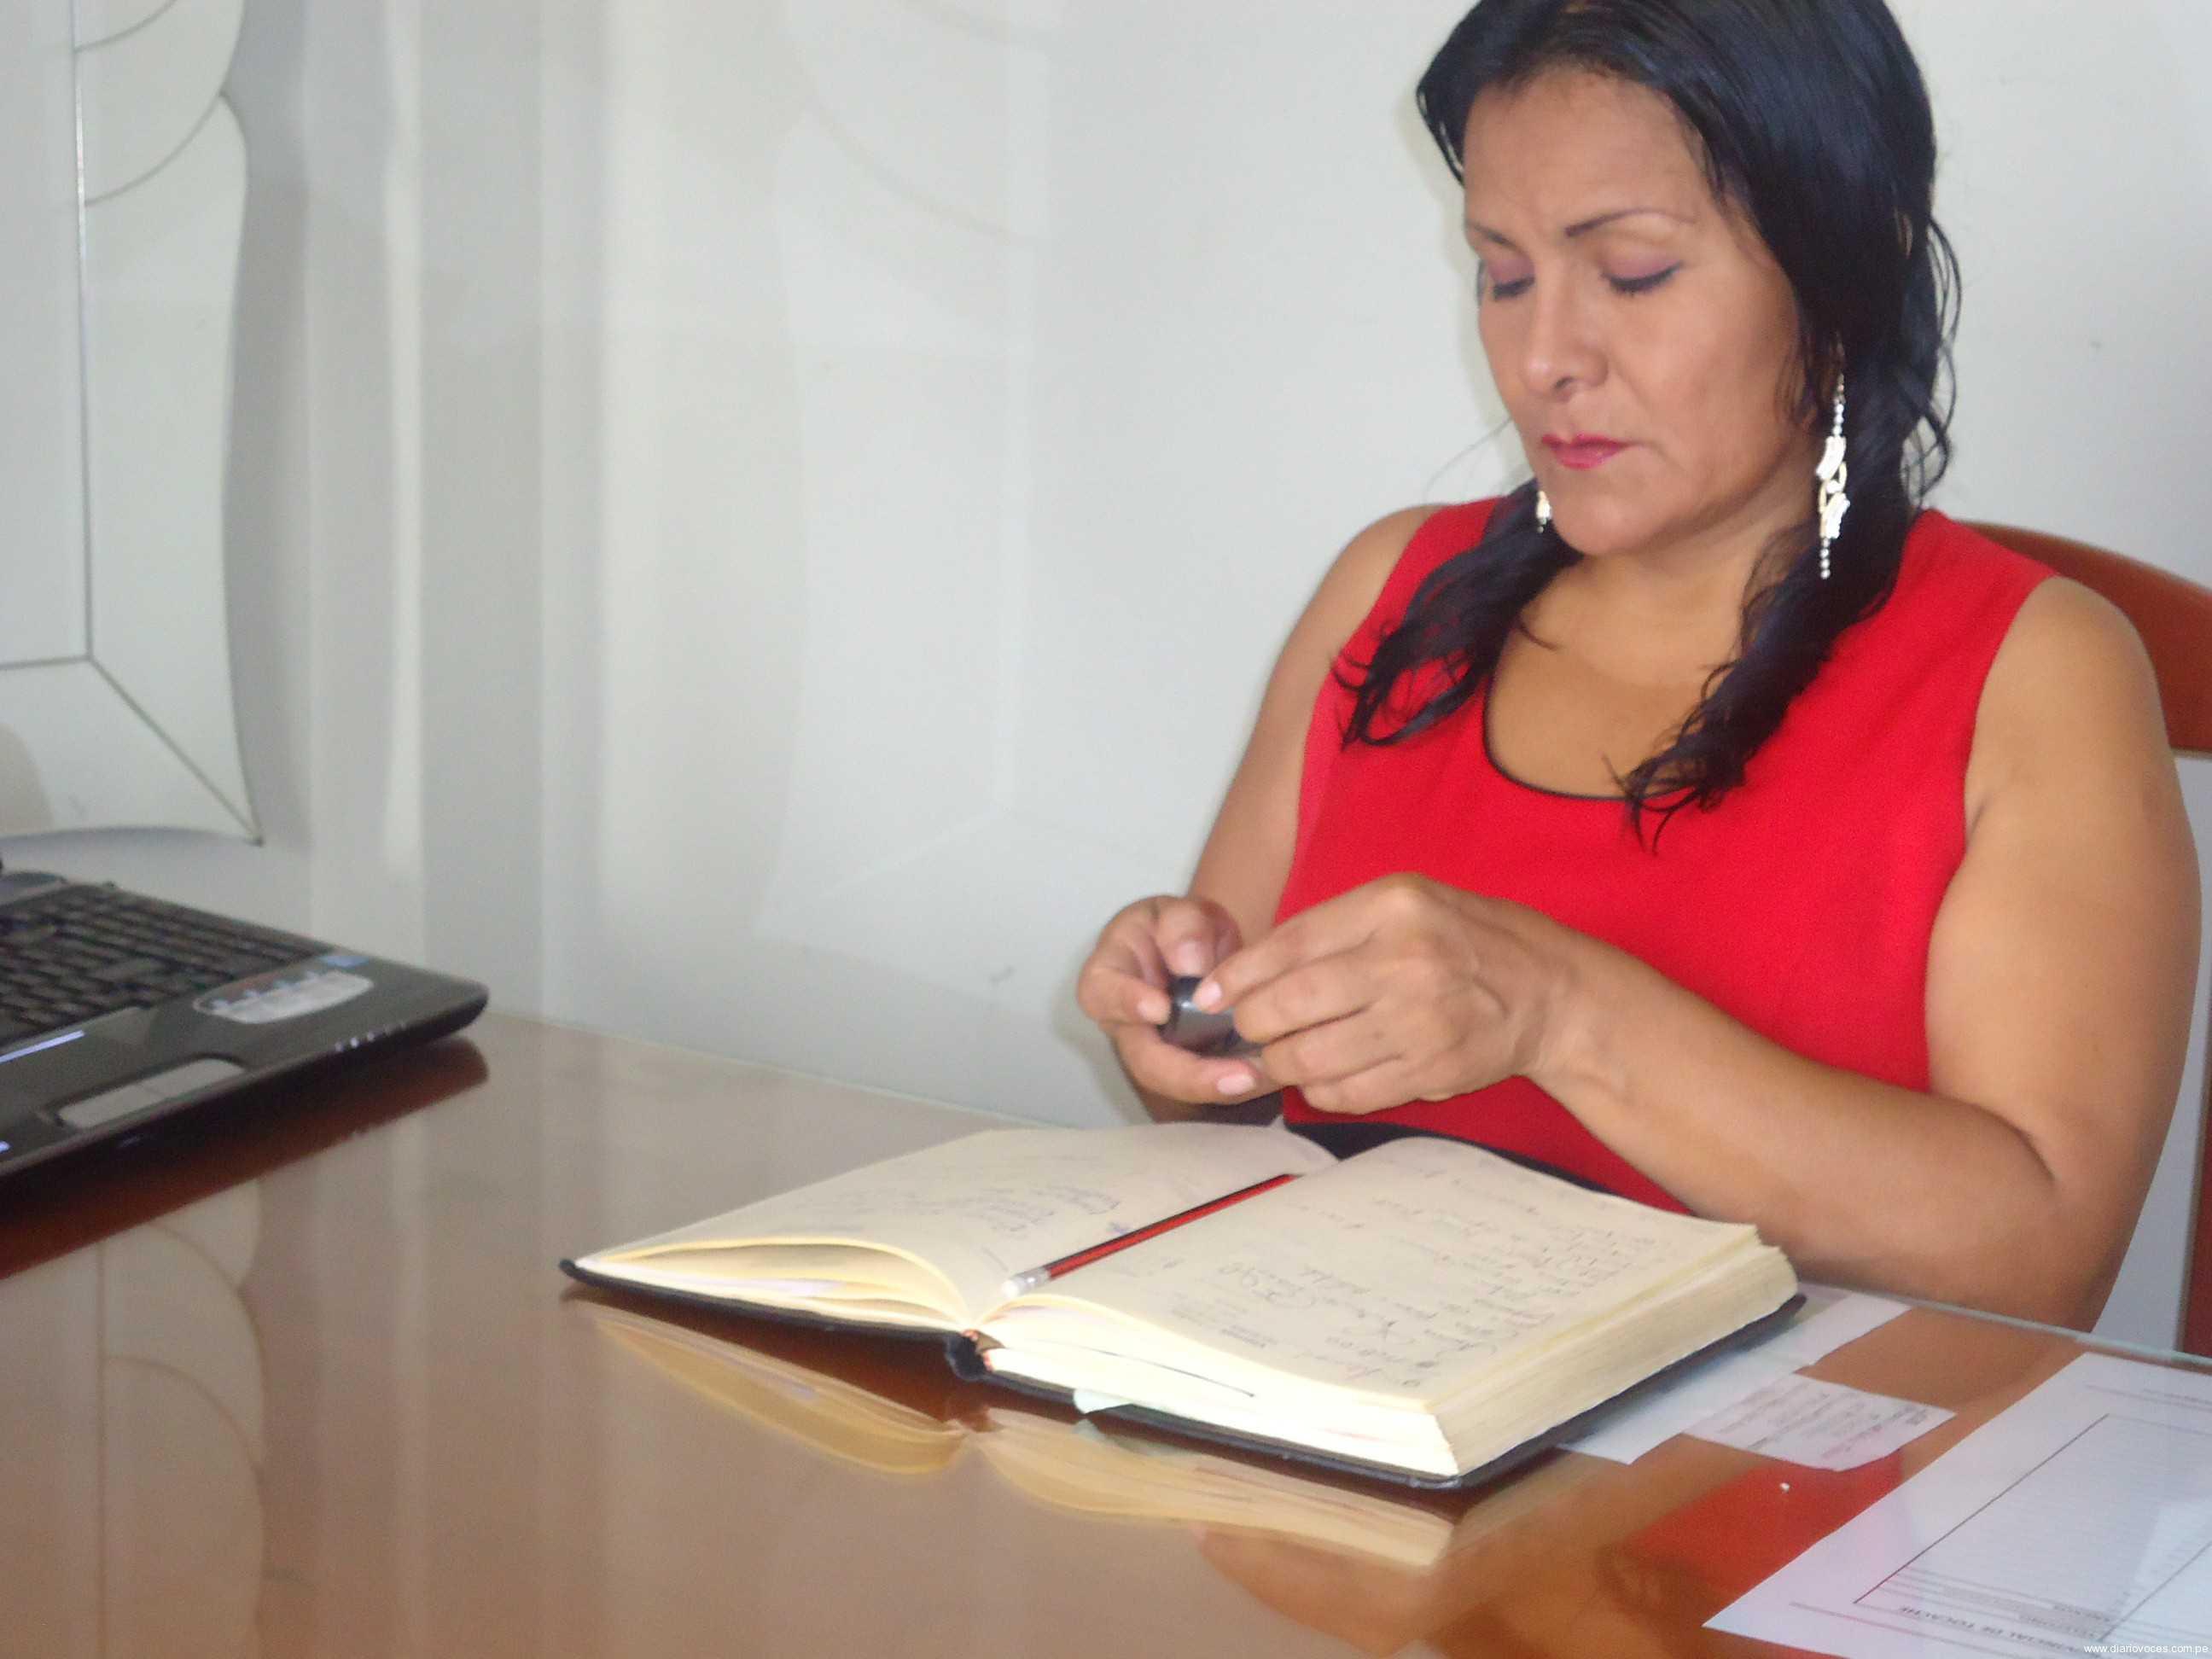 La alcaldesa de Tocache es intimidada por delincuentes en la puerta de su casa